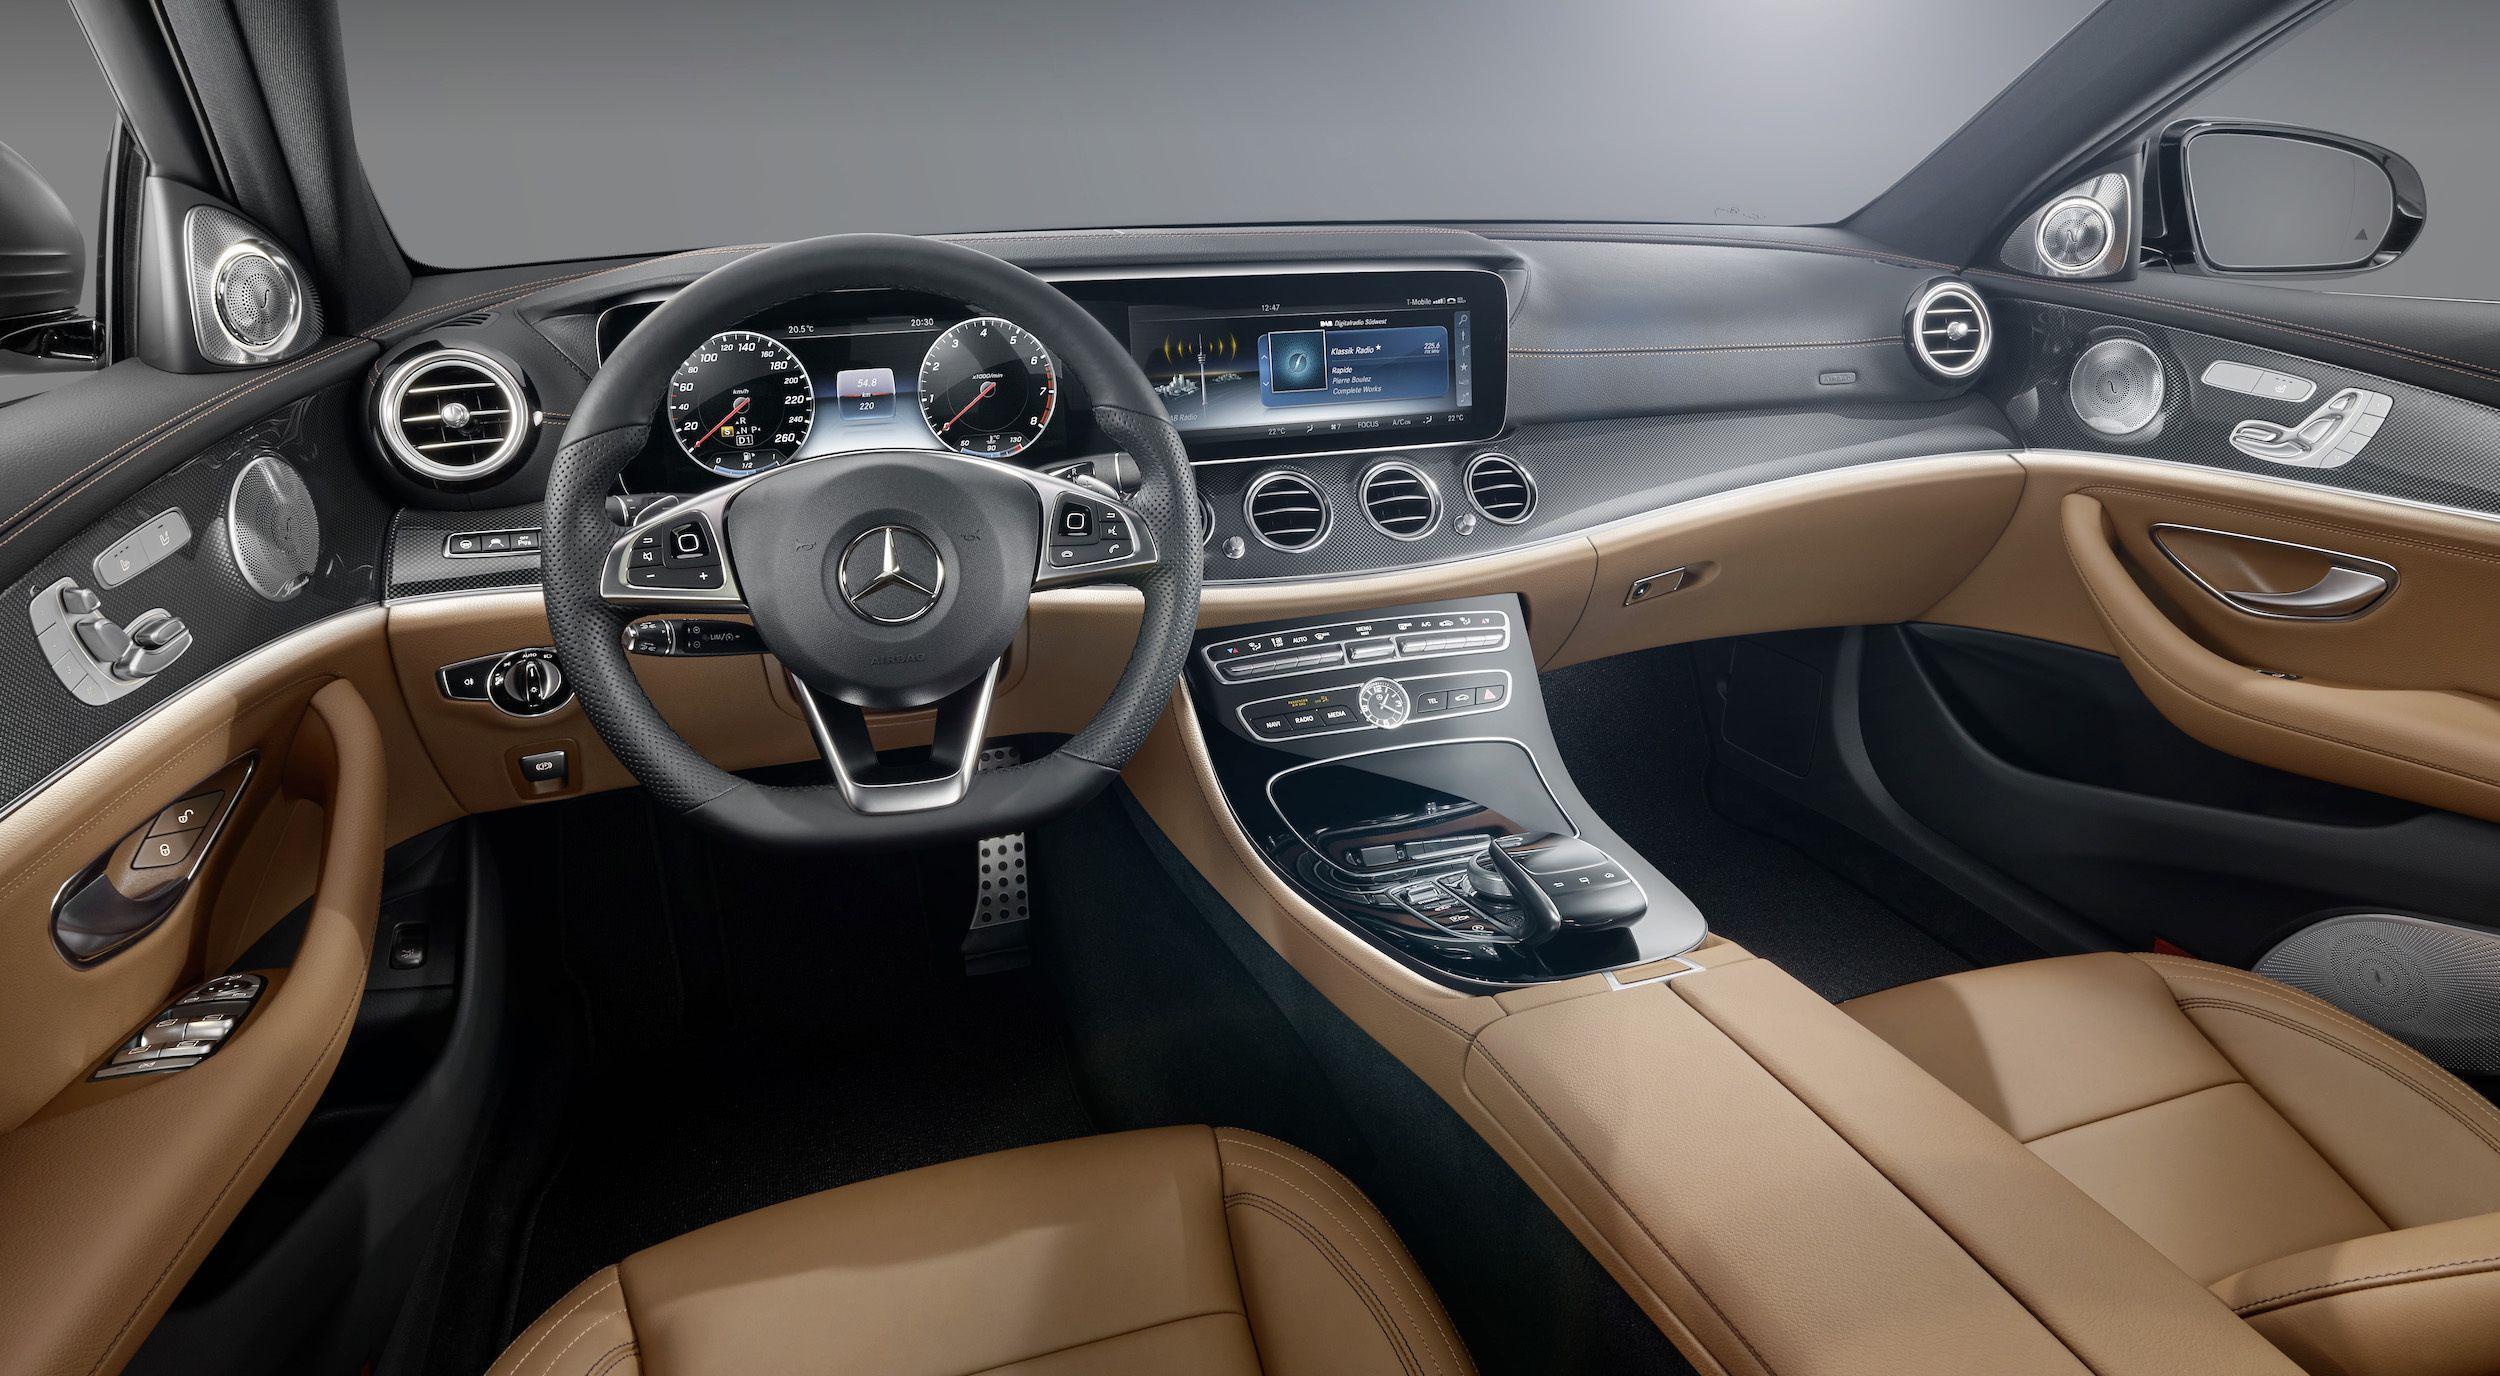 Mercedes Benz Cls Class Wallpapers